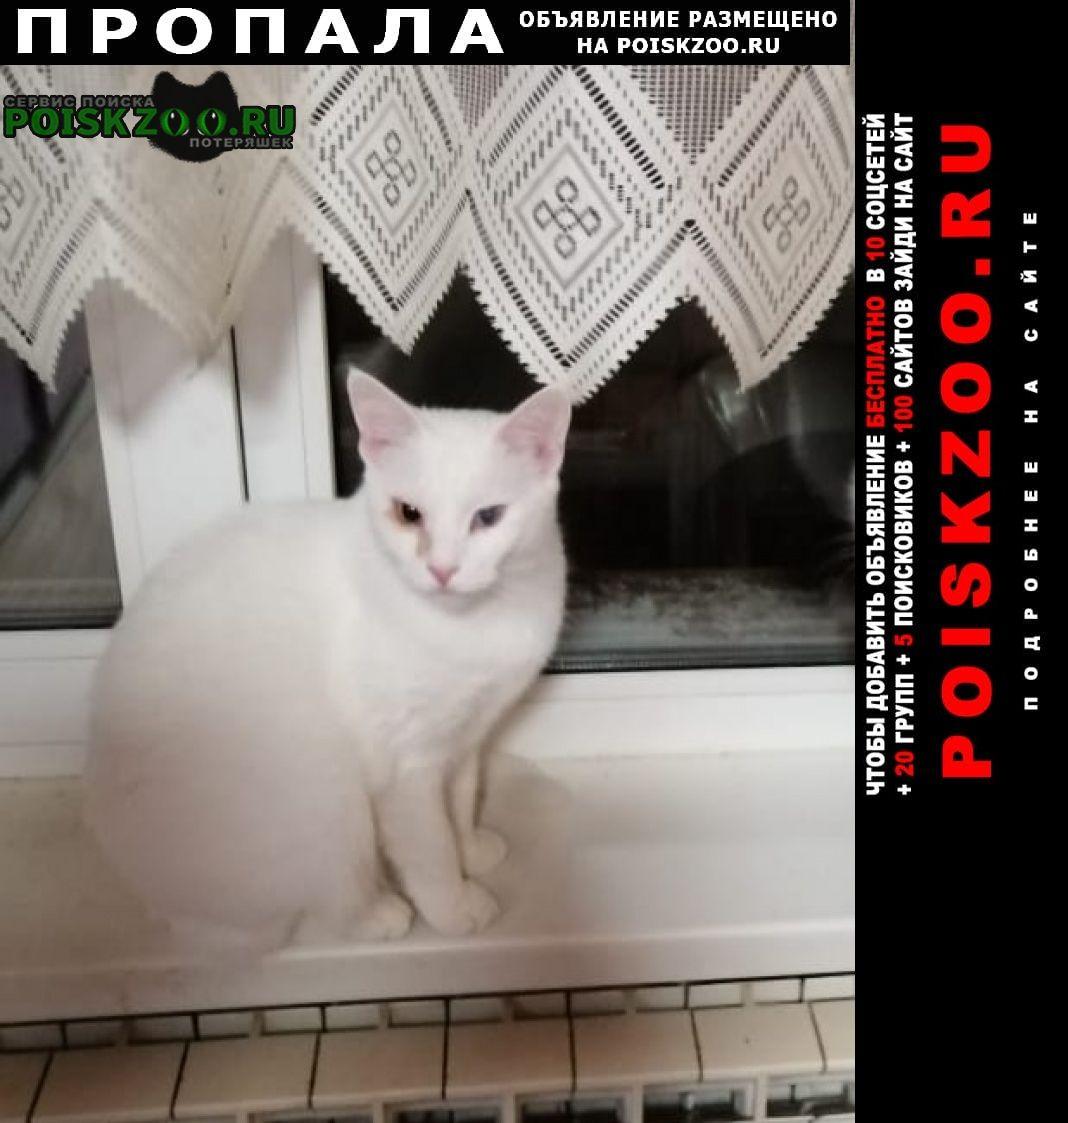 Ильинский (Московская обл.) Пропала кошка